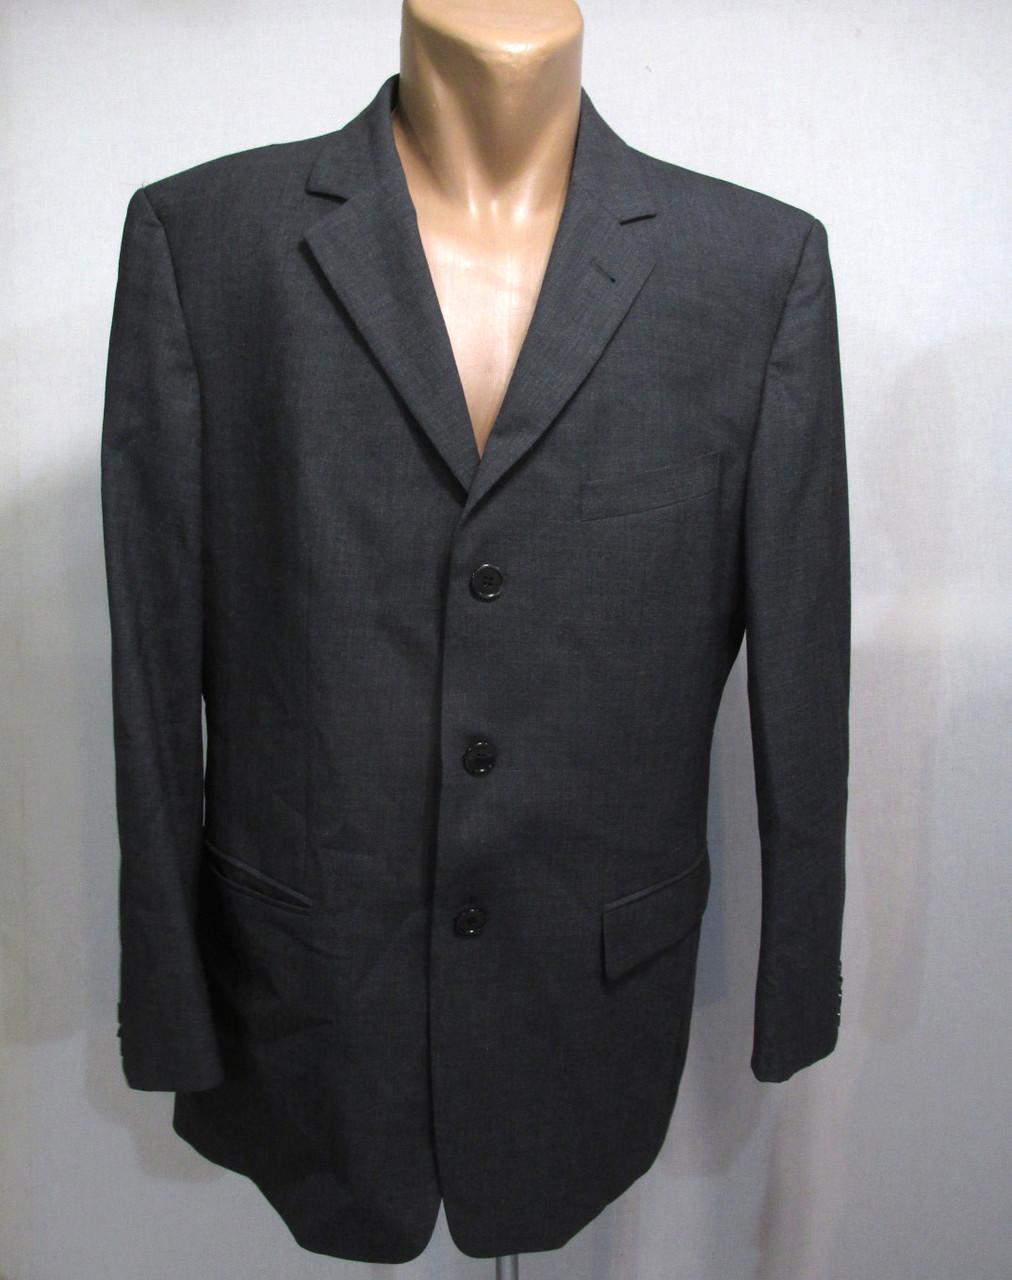 Брендовая мужская одежда купить недорого в Санкт